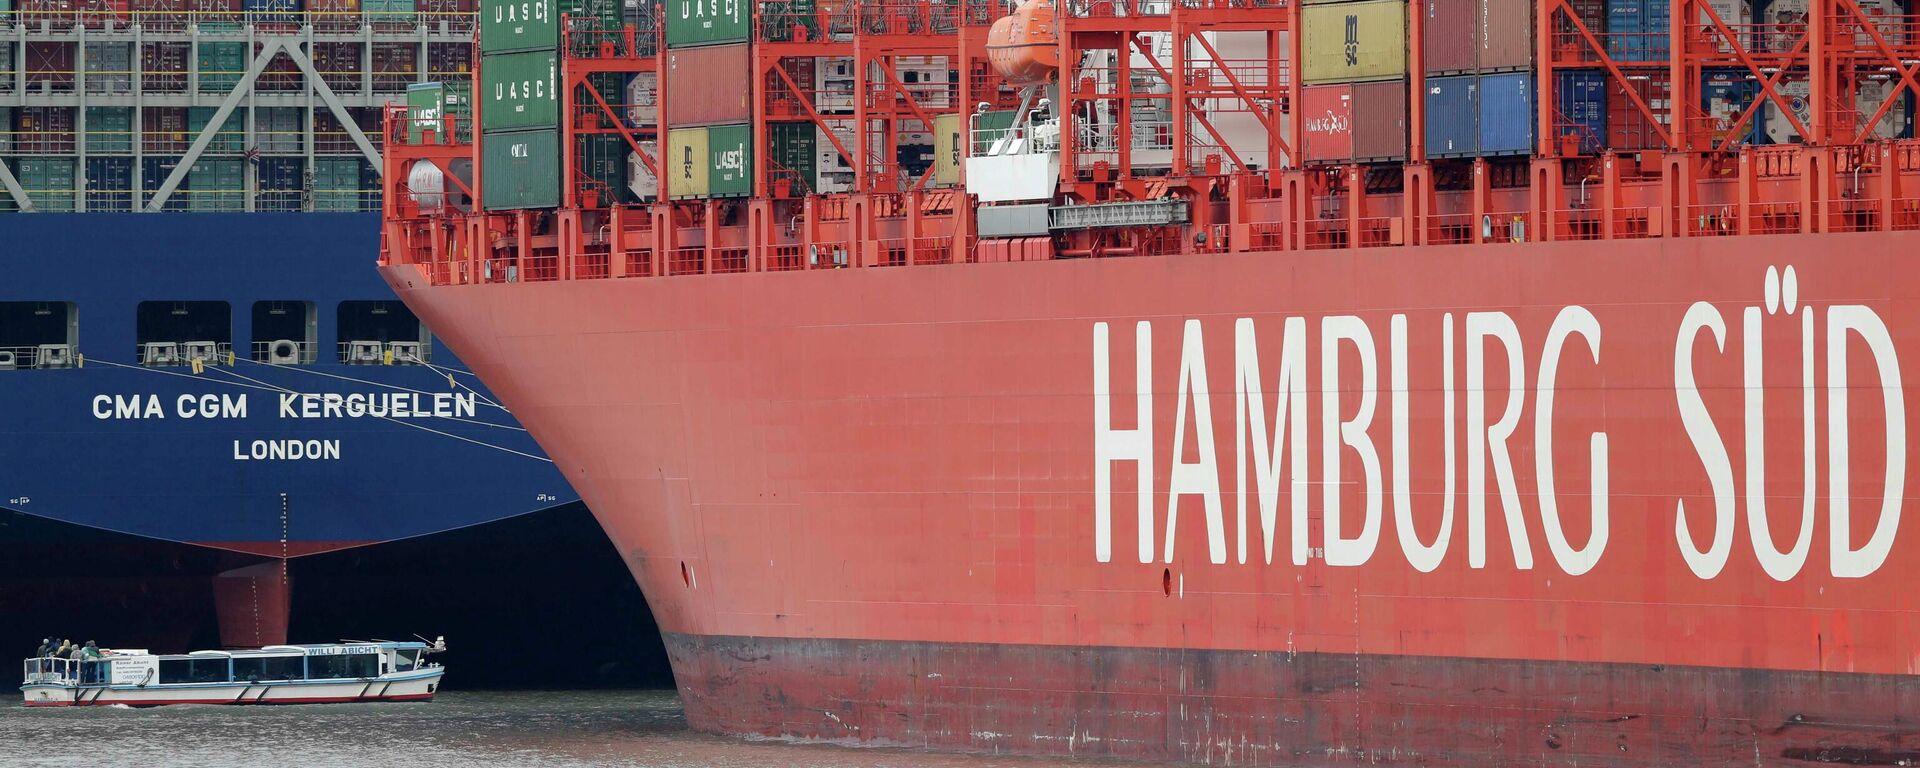 Transportschiffe im Hamburger Hafen (Archivbild) - SNA, 1920, 18.02.2021